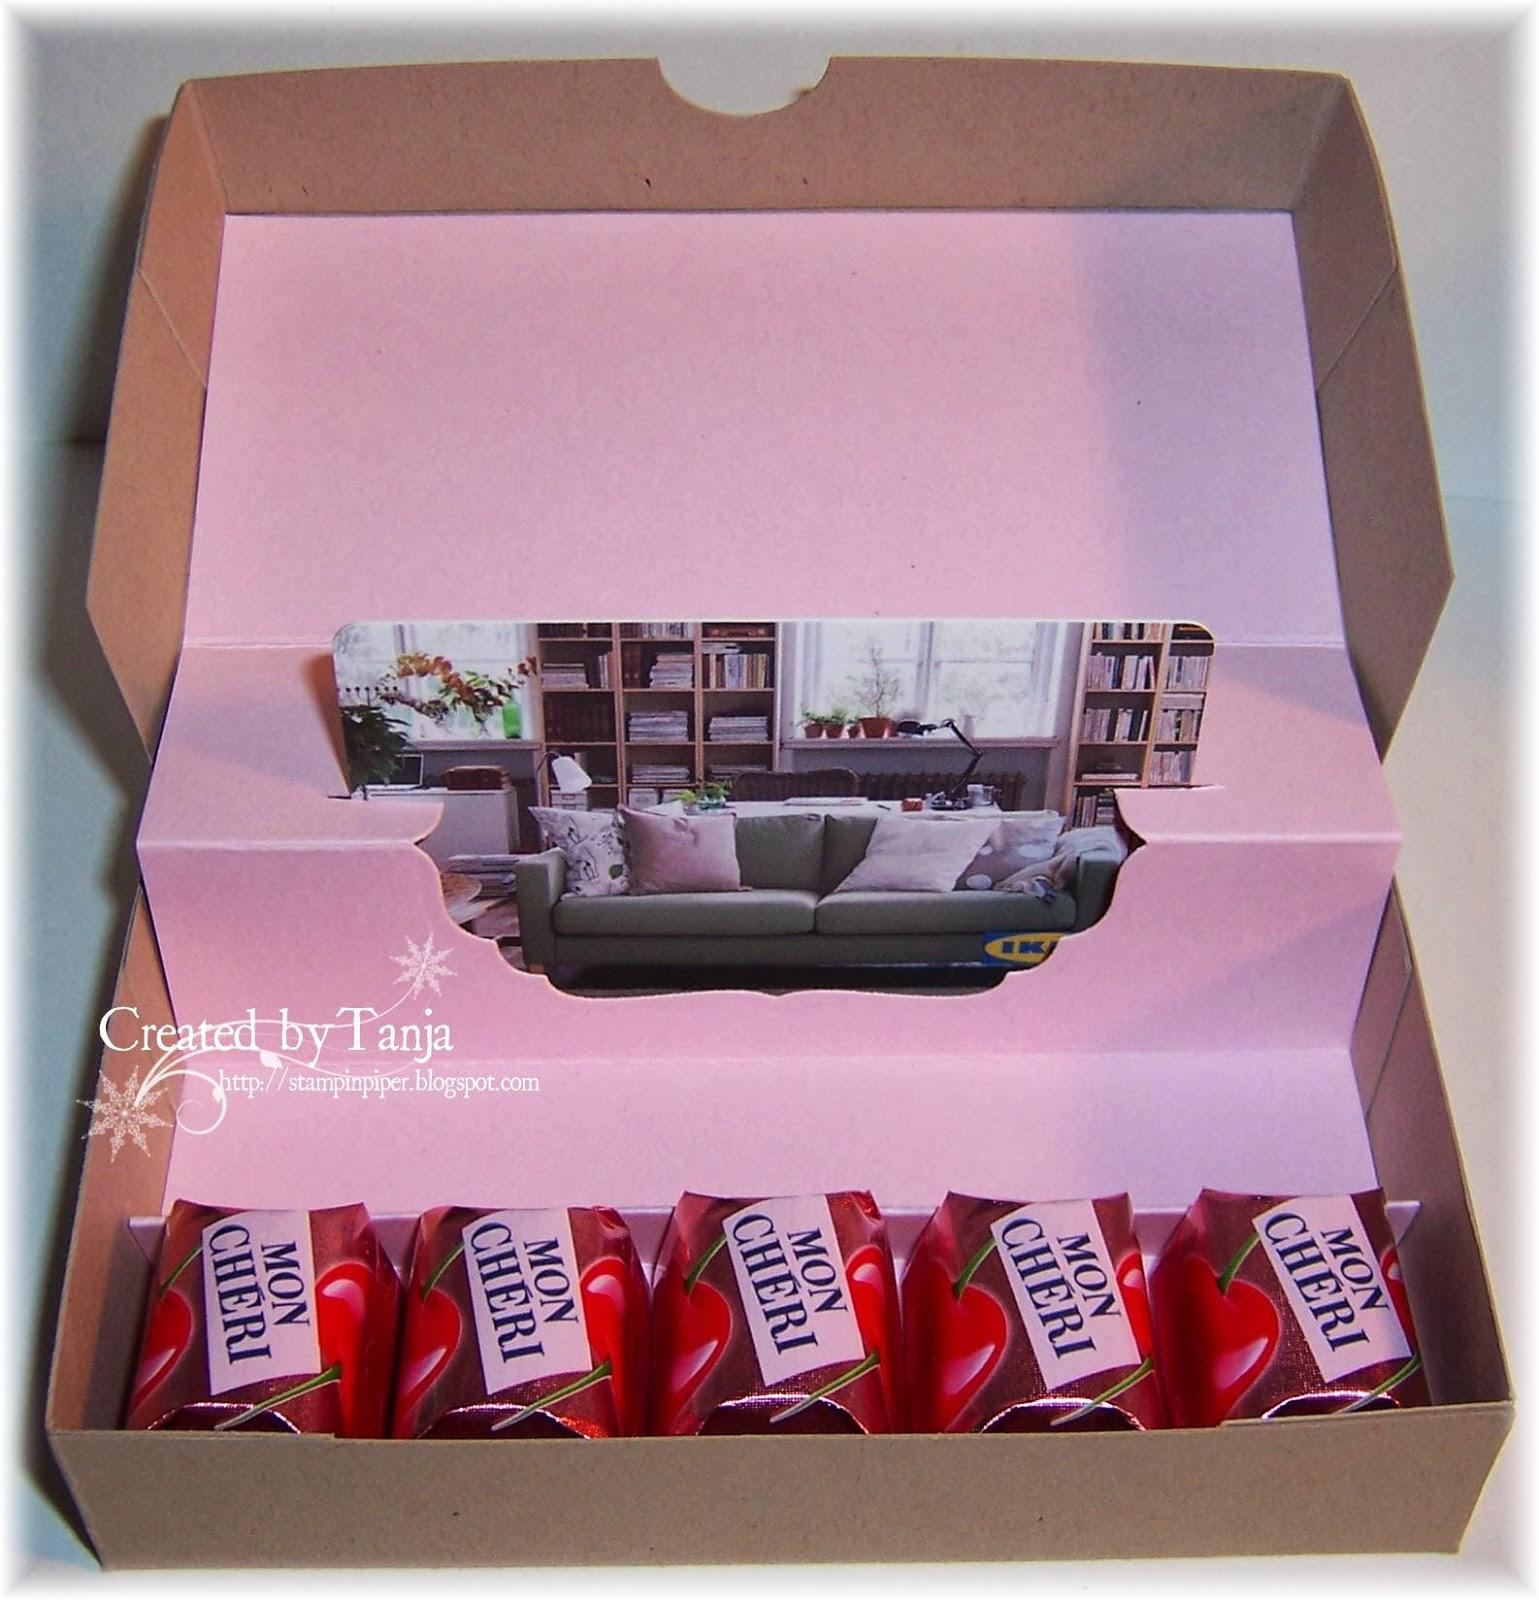 stempeleinmaleins gutscheinbox gift card box. Black Bedroom Furniture Sets. Home Design Ideas